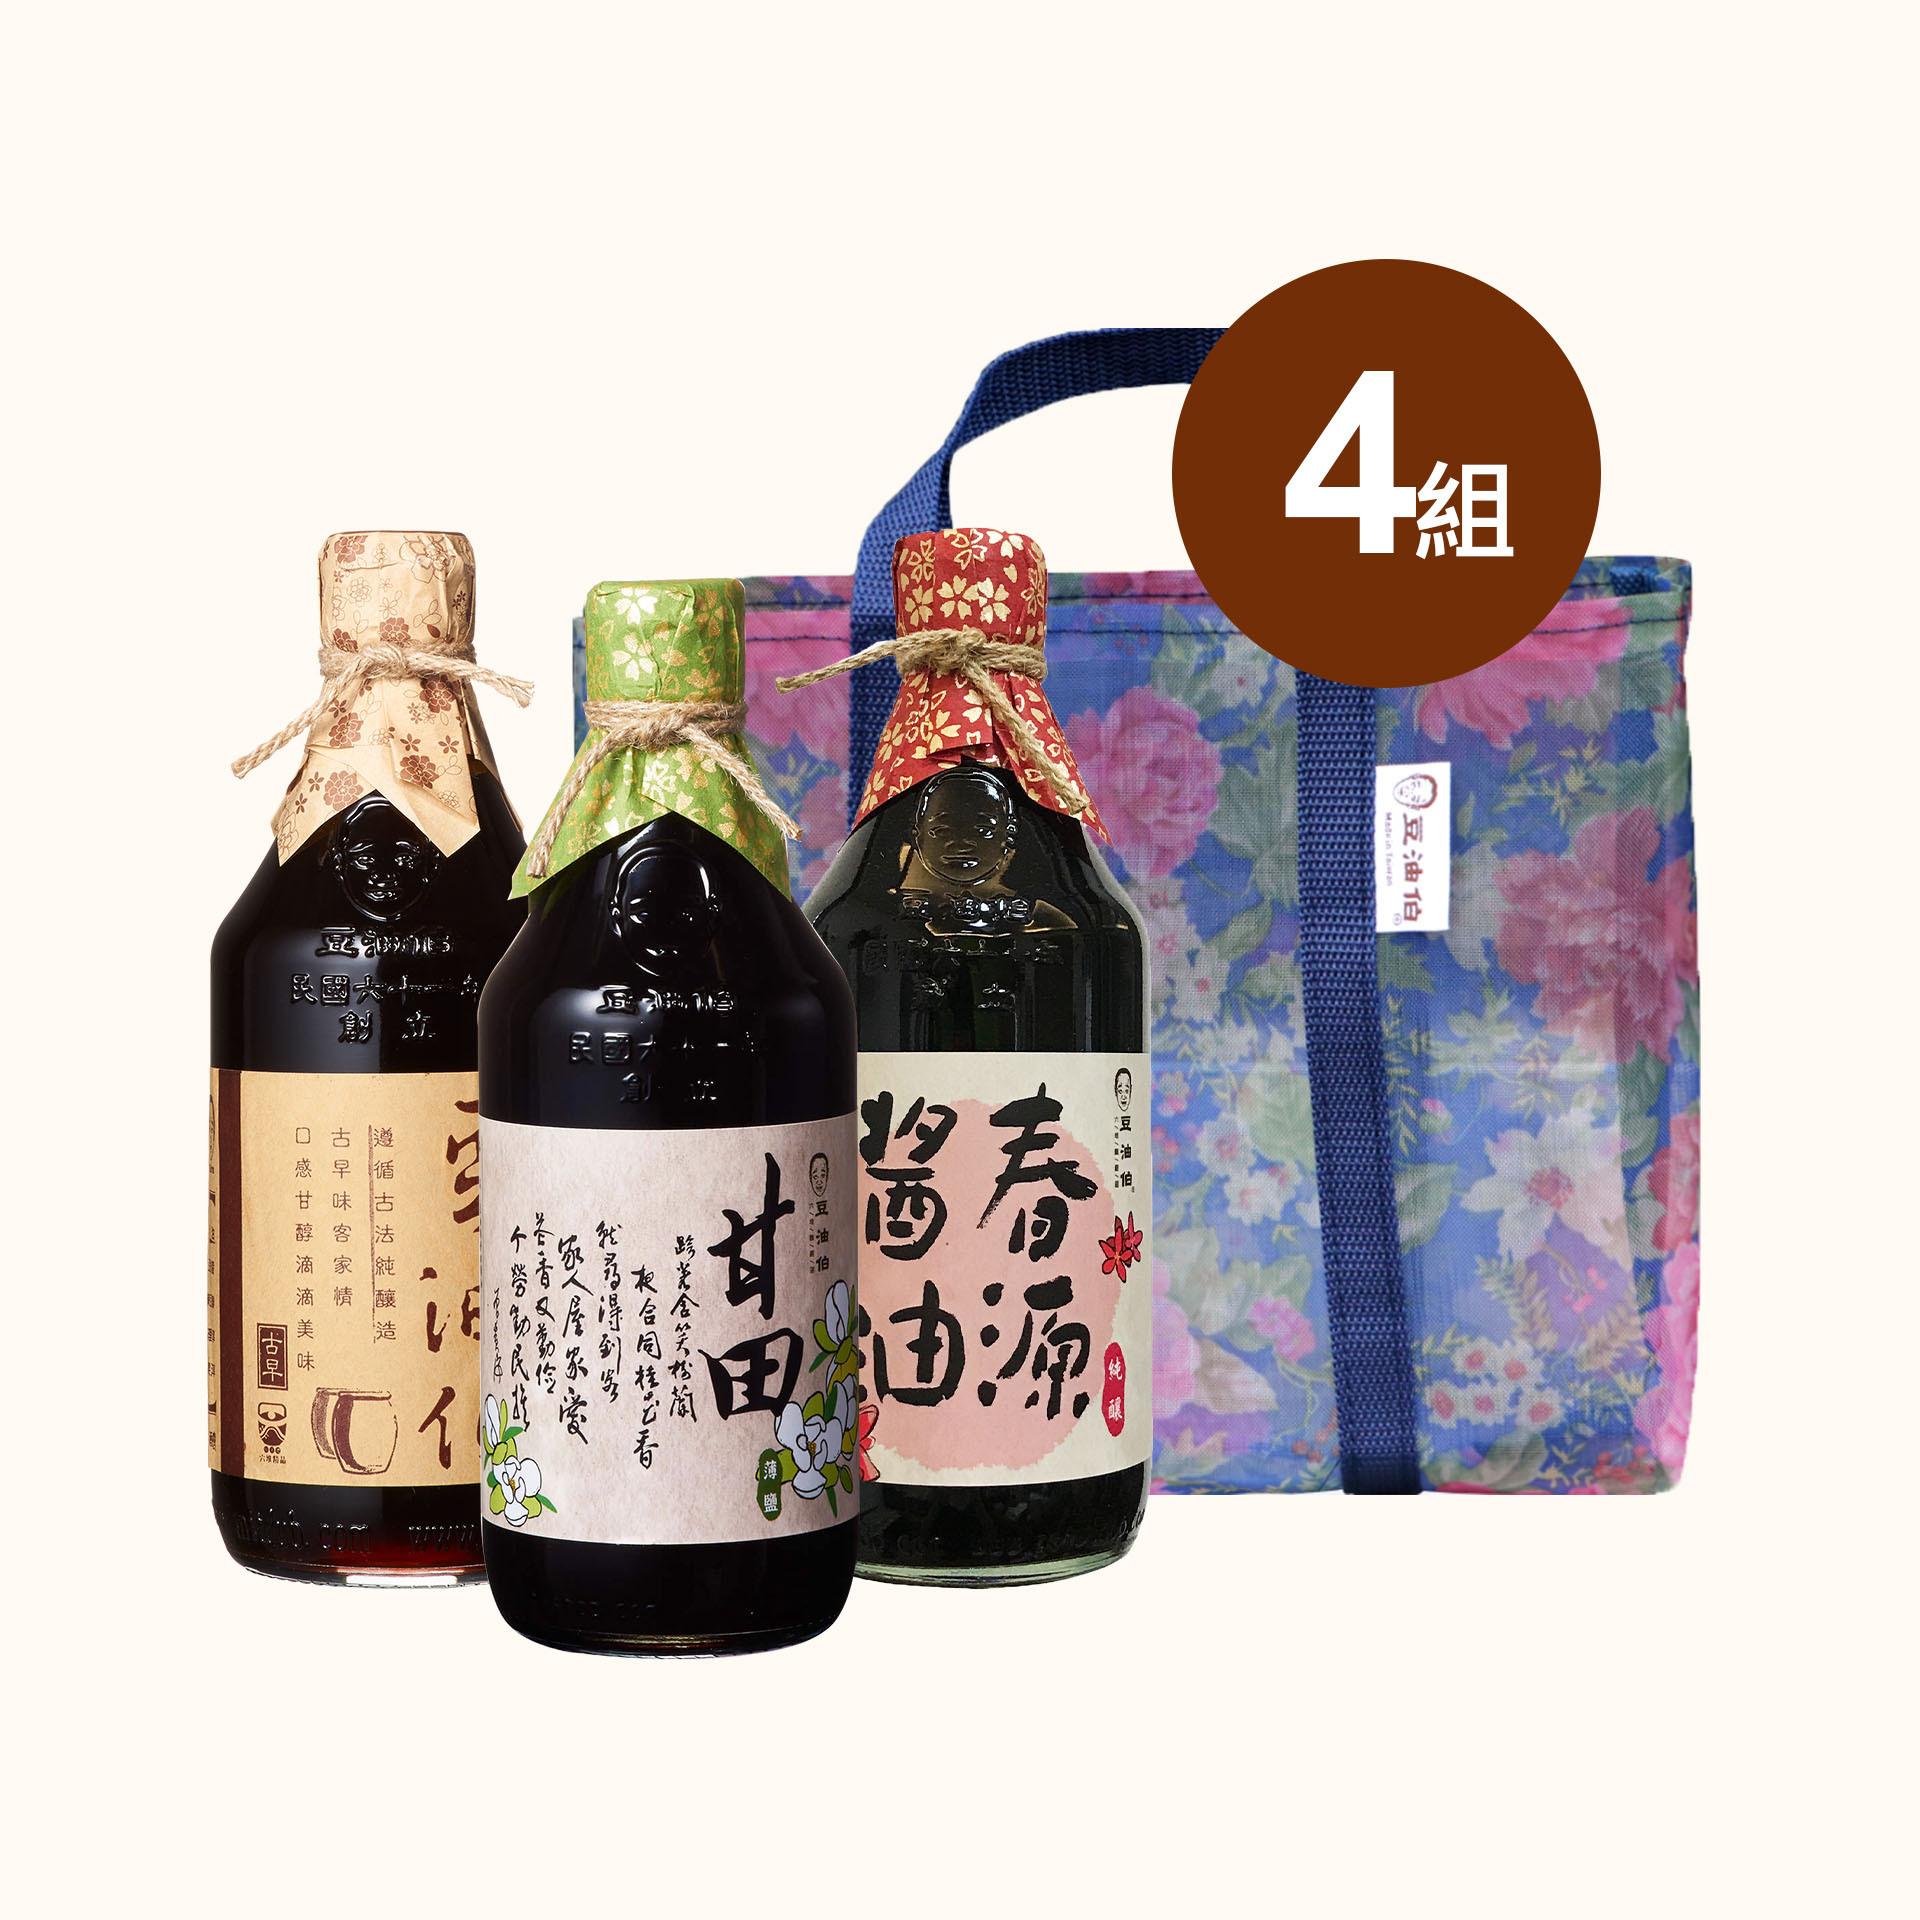 【中秋限定6折】復古花袋醬油組 x4(缸底4入+甘田4入+春源4入)(醬油共12入)(不挑色)